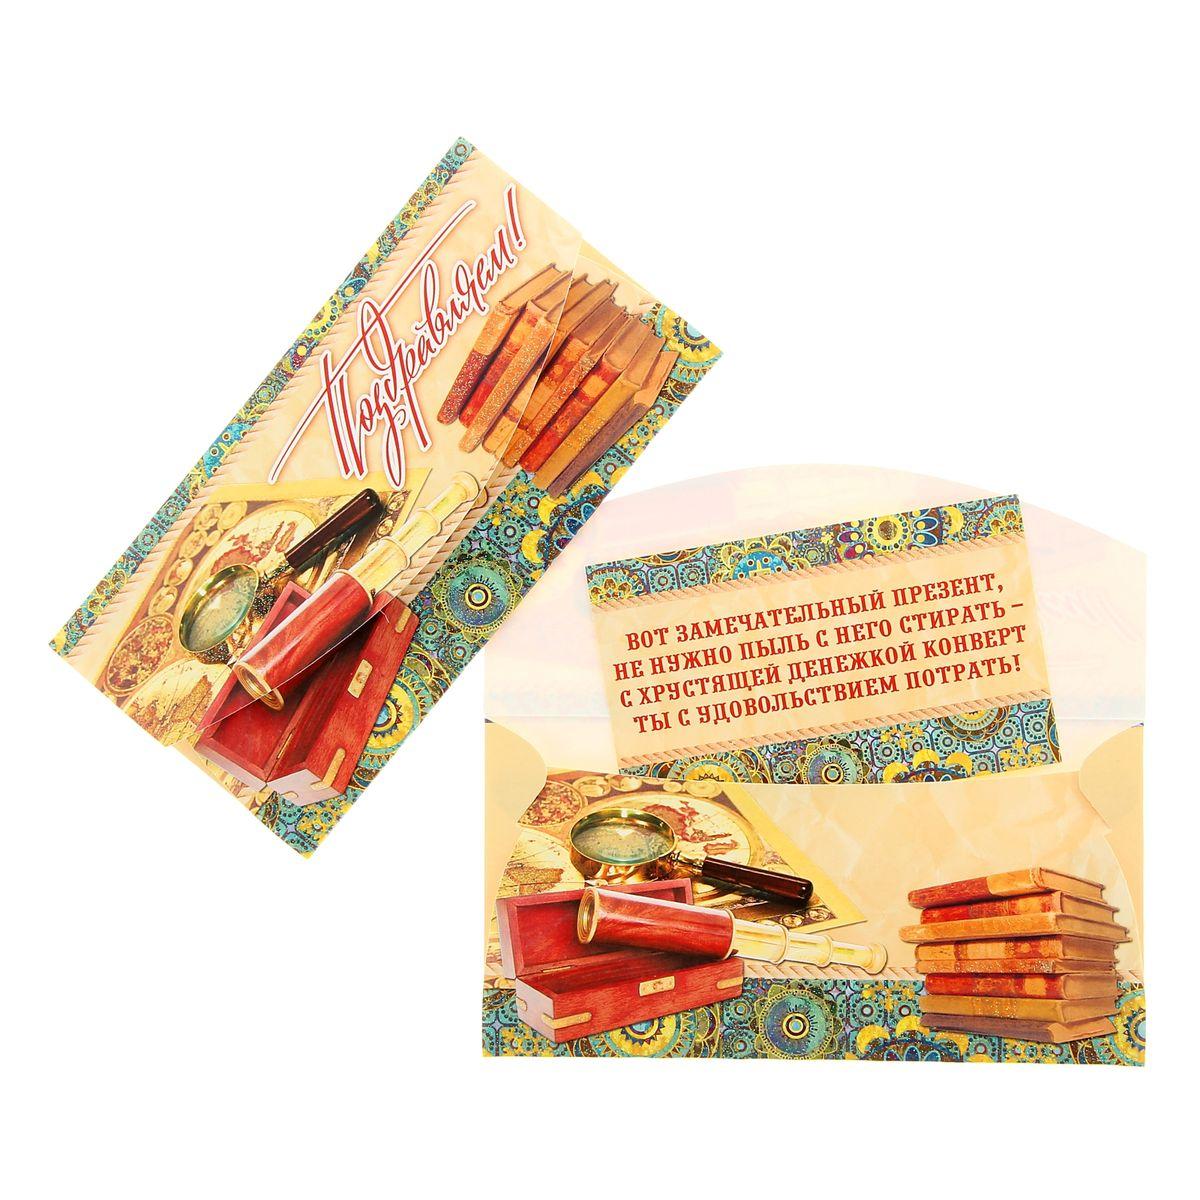 Конверт для денег Поздравляем!. 102874355052Конверт для денег Поздравляем! выполнен из плотной бумаги и украшен яркой картинкой. На отдельном вкладыше внутри открытки - поздравительные строки: Вот замечательный презент, Не нужно пыль с него стирать -С хрустящей денежкой конвертТы с удовольствием потрать!Это необычная красивая одежка для денежного подарка, а также отличная возможность сделать его более праздничным и создать прекрасное настроение!